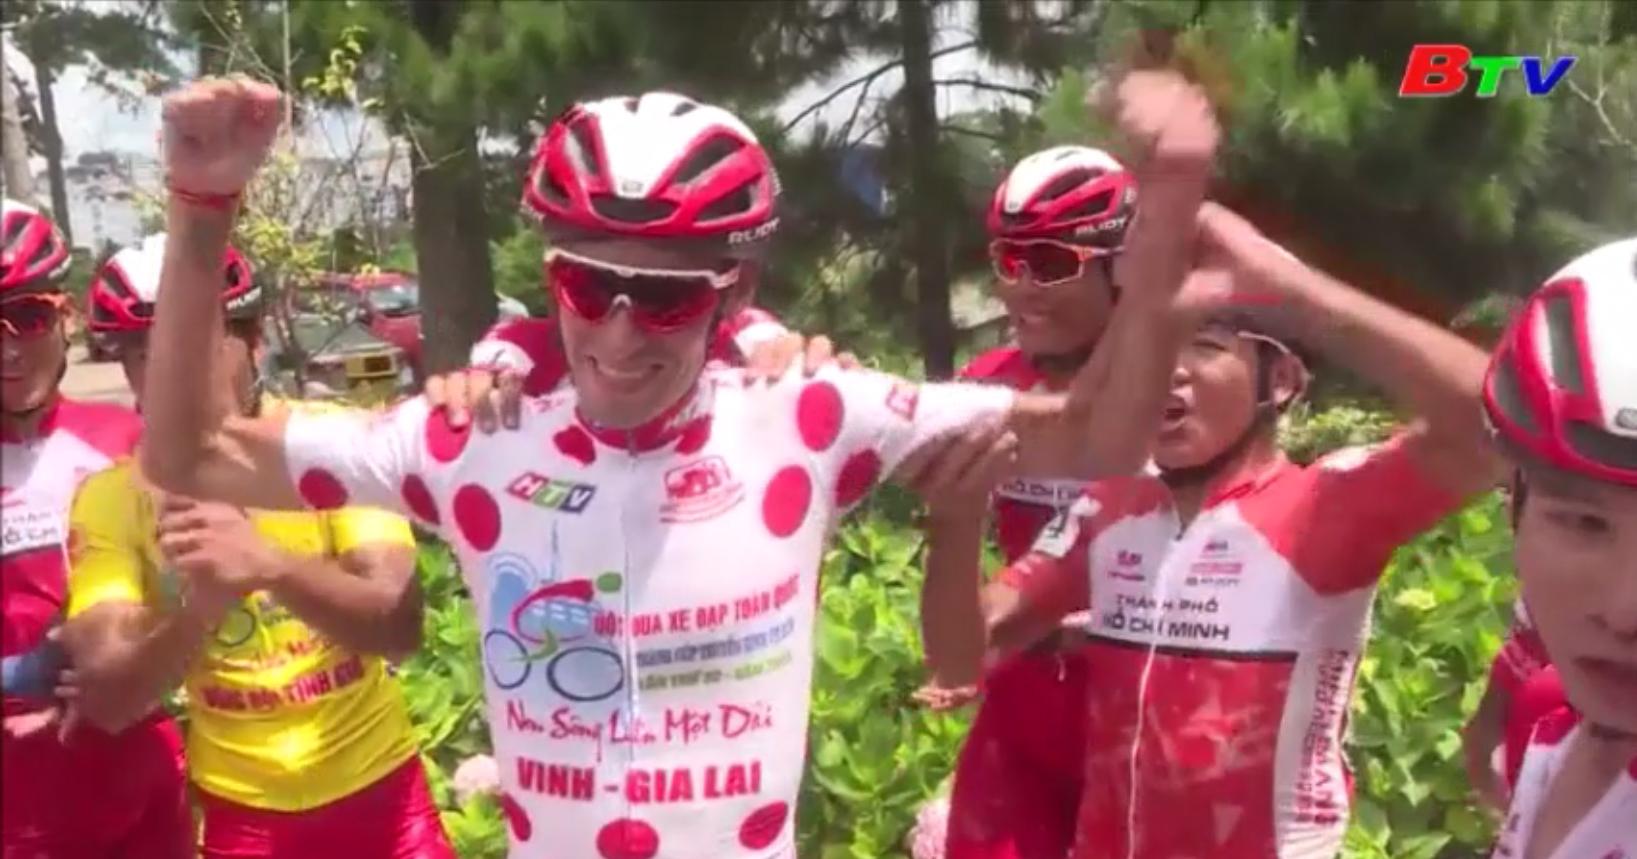 Chặng 15 xe đạp HTV lần thứ 32 – Sinh nhật đáng nhớ của tay đua Javier Perez